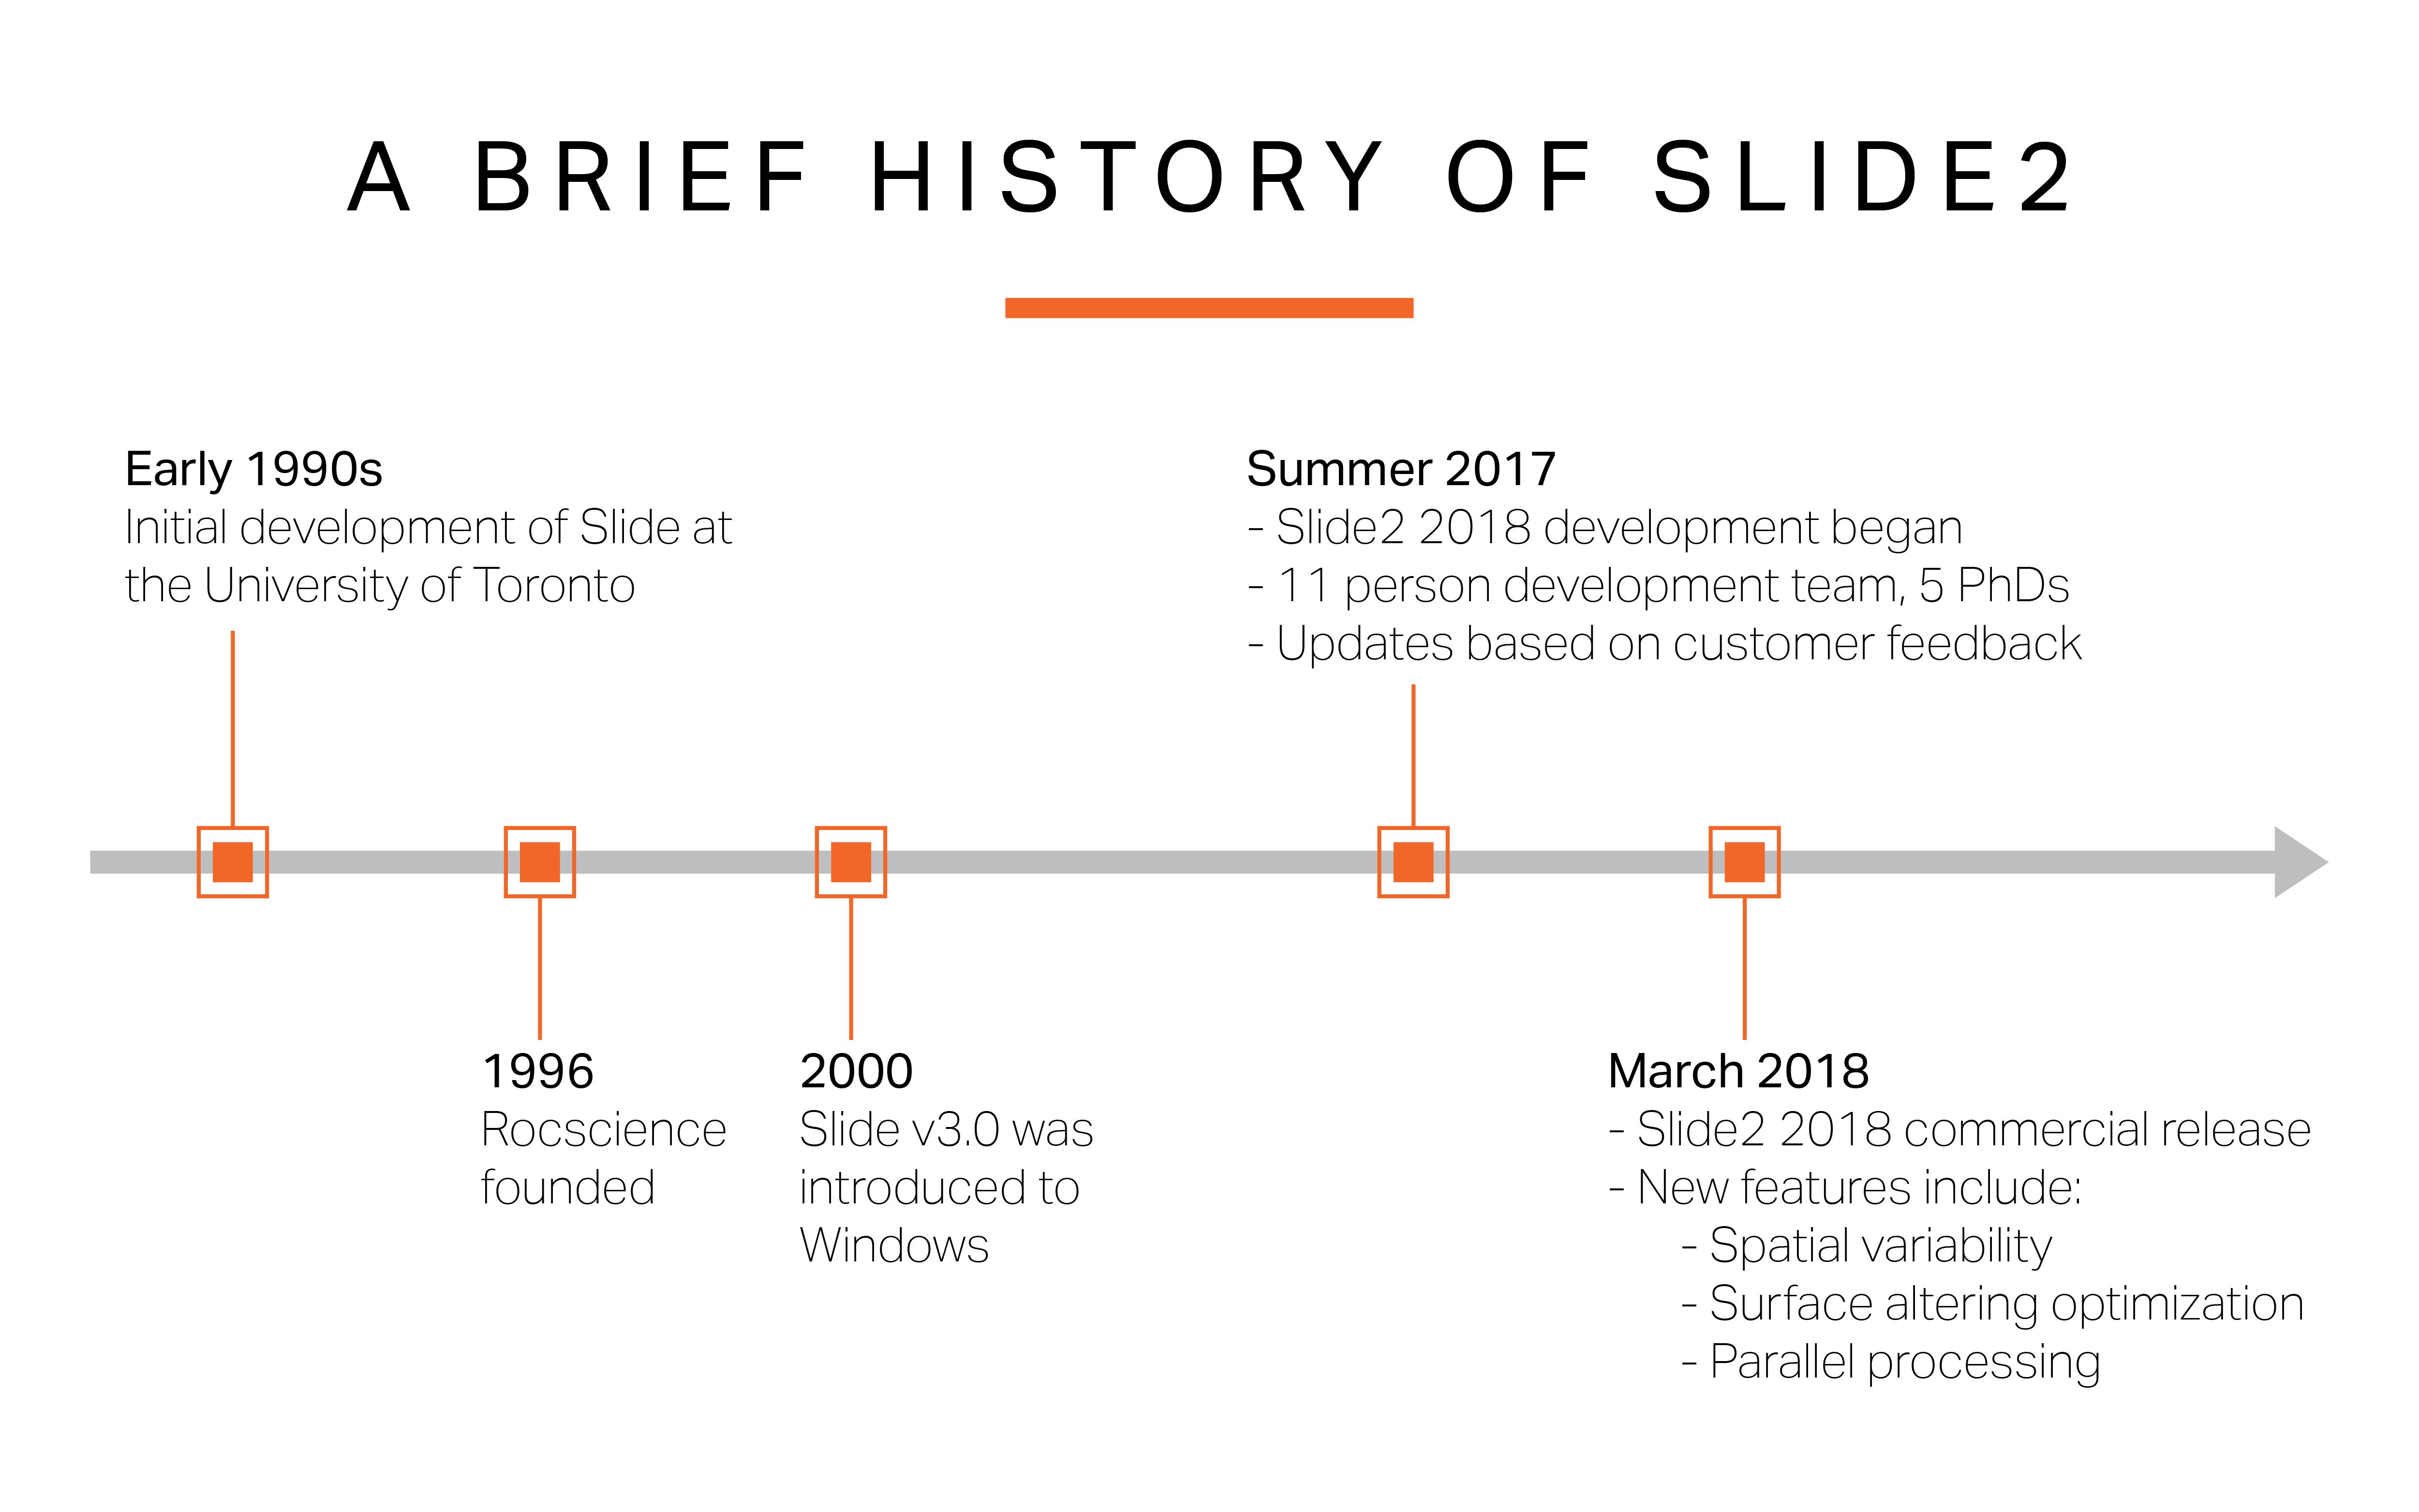 Article image Slide2 timeline